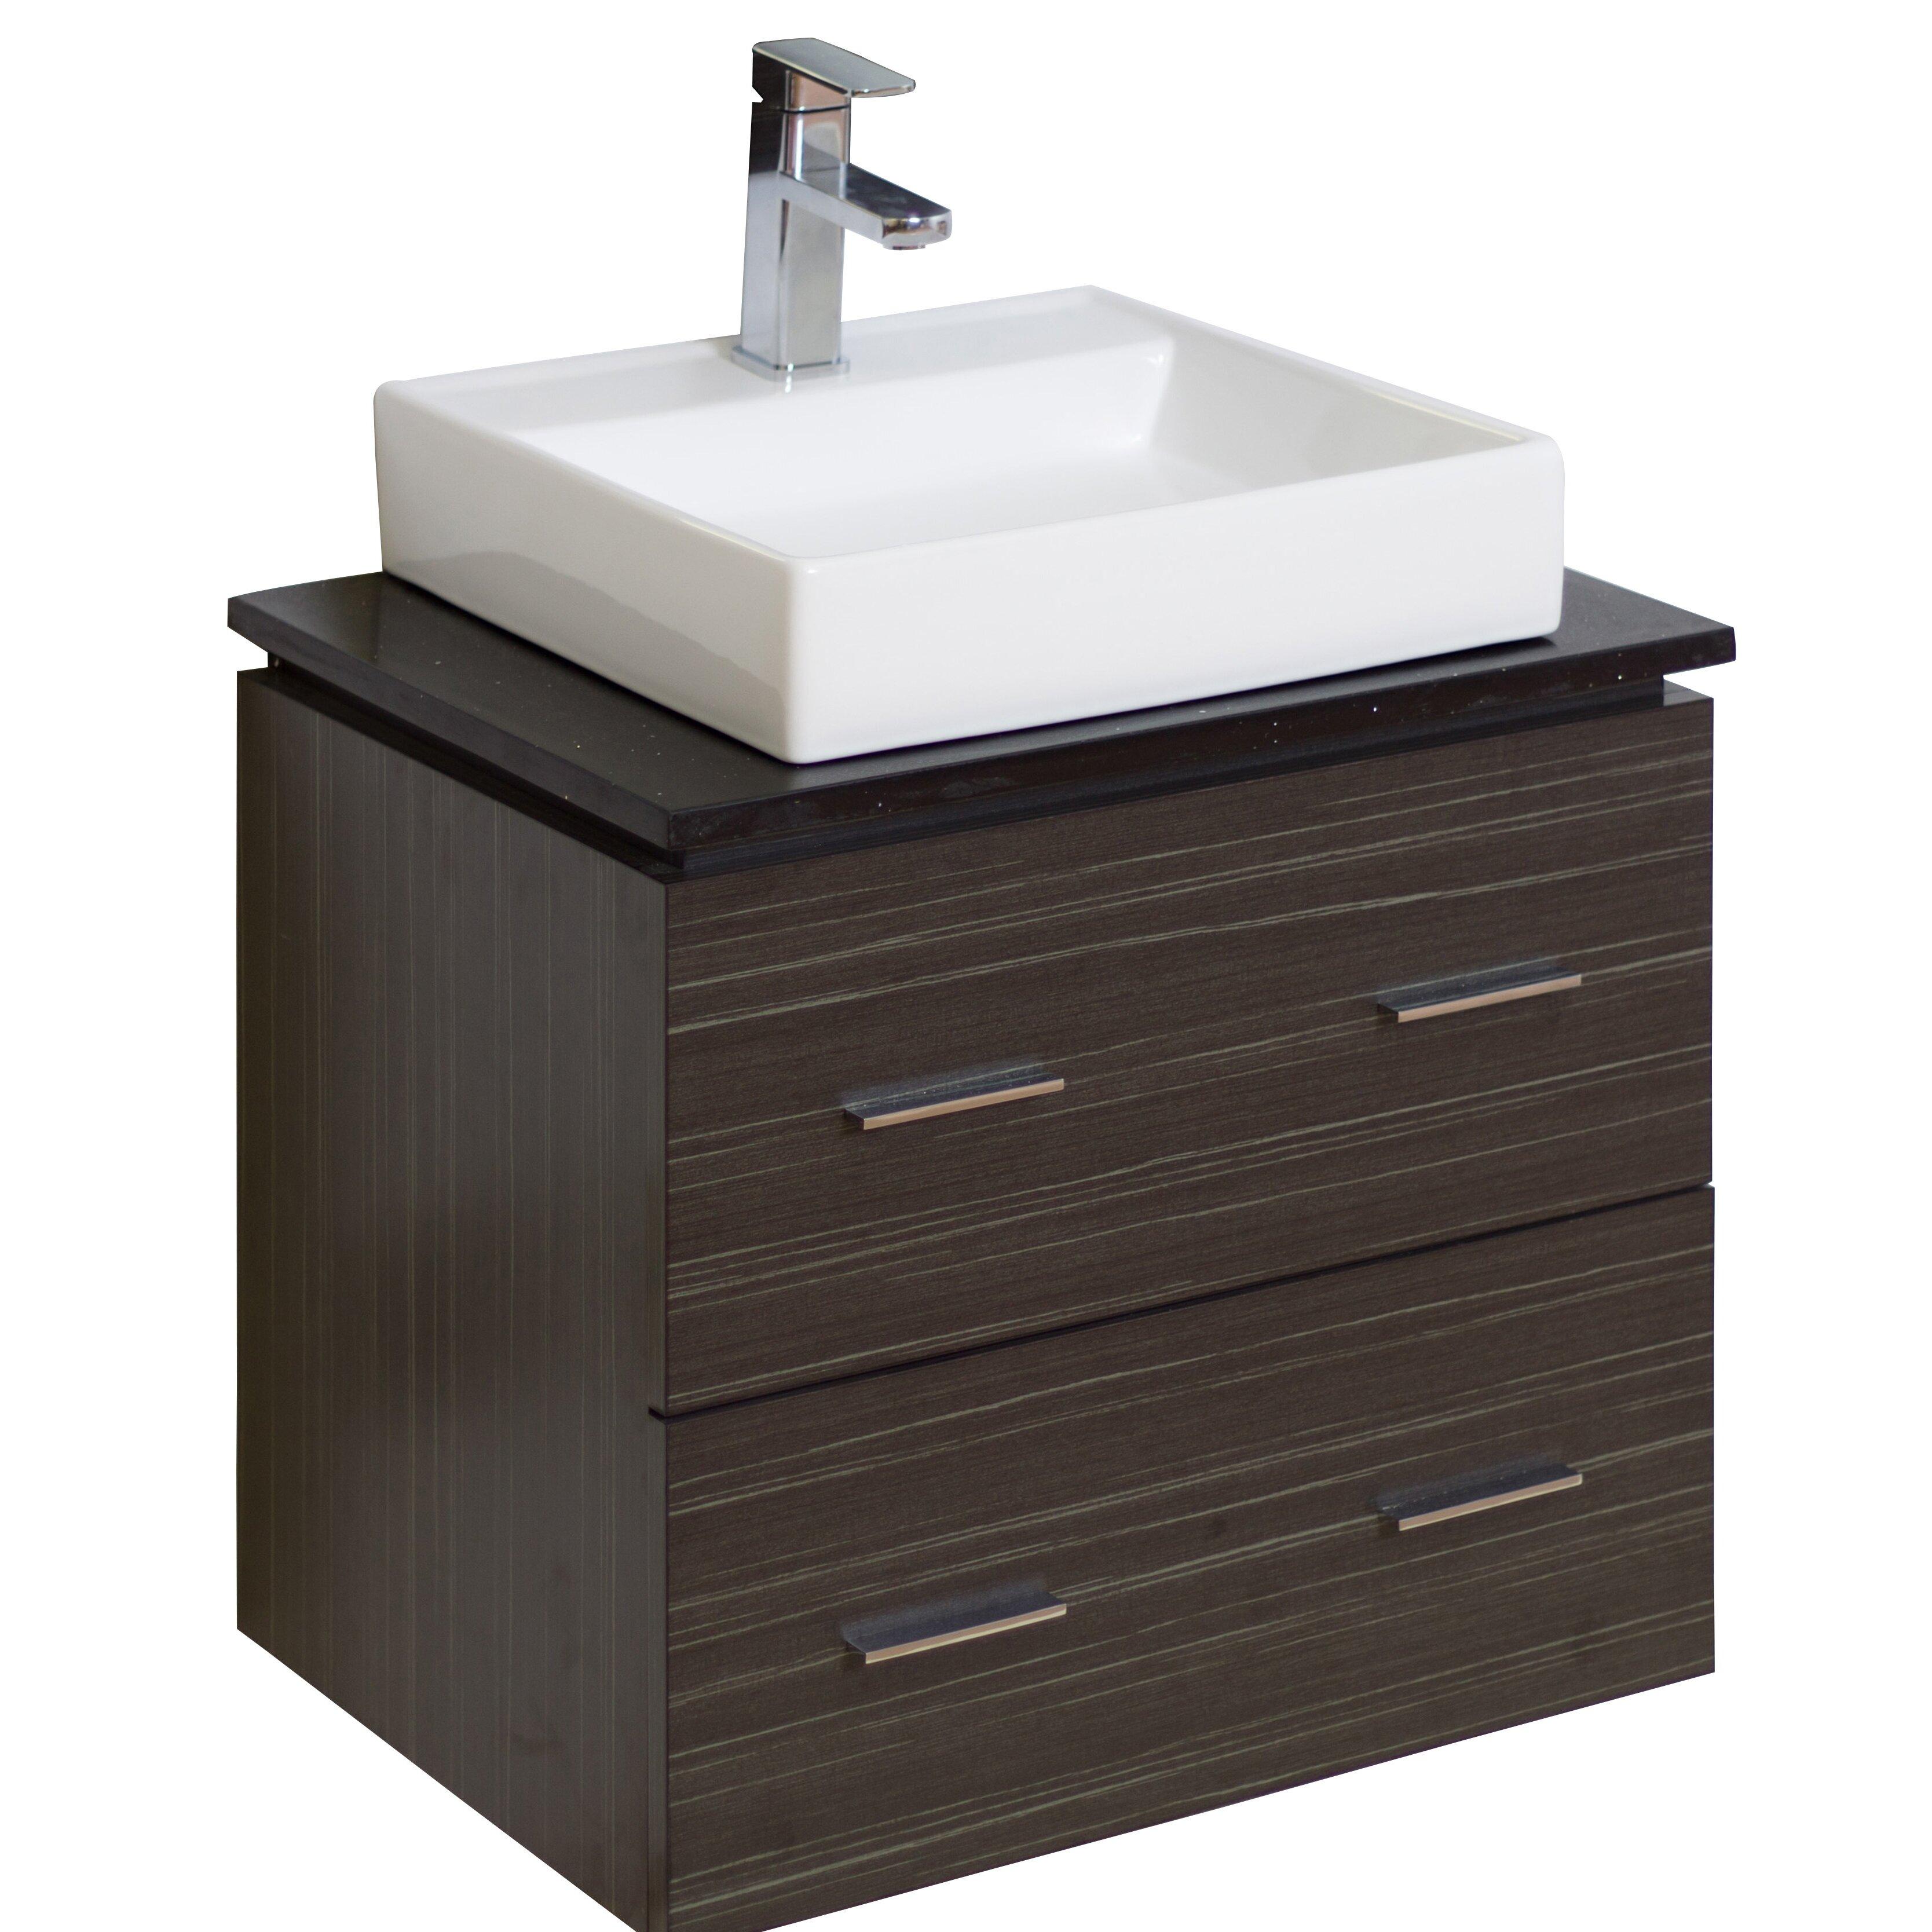 American Imaginations 24 Single Modern Wall Mount Bathroom Vanity Set Reviews Wayfair